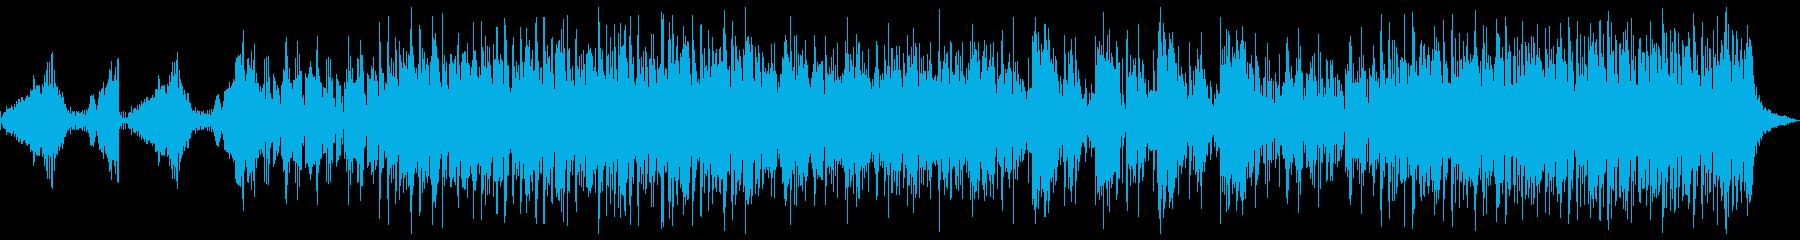 一対一の緊張感を感じさせるBGMの再生済みの波形